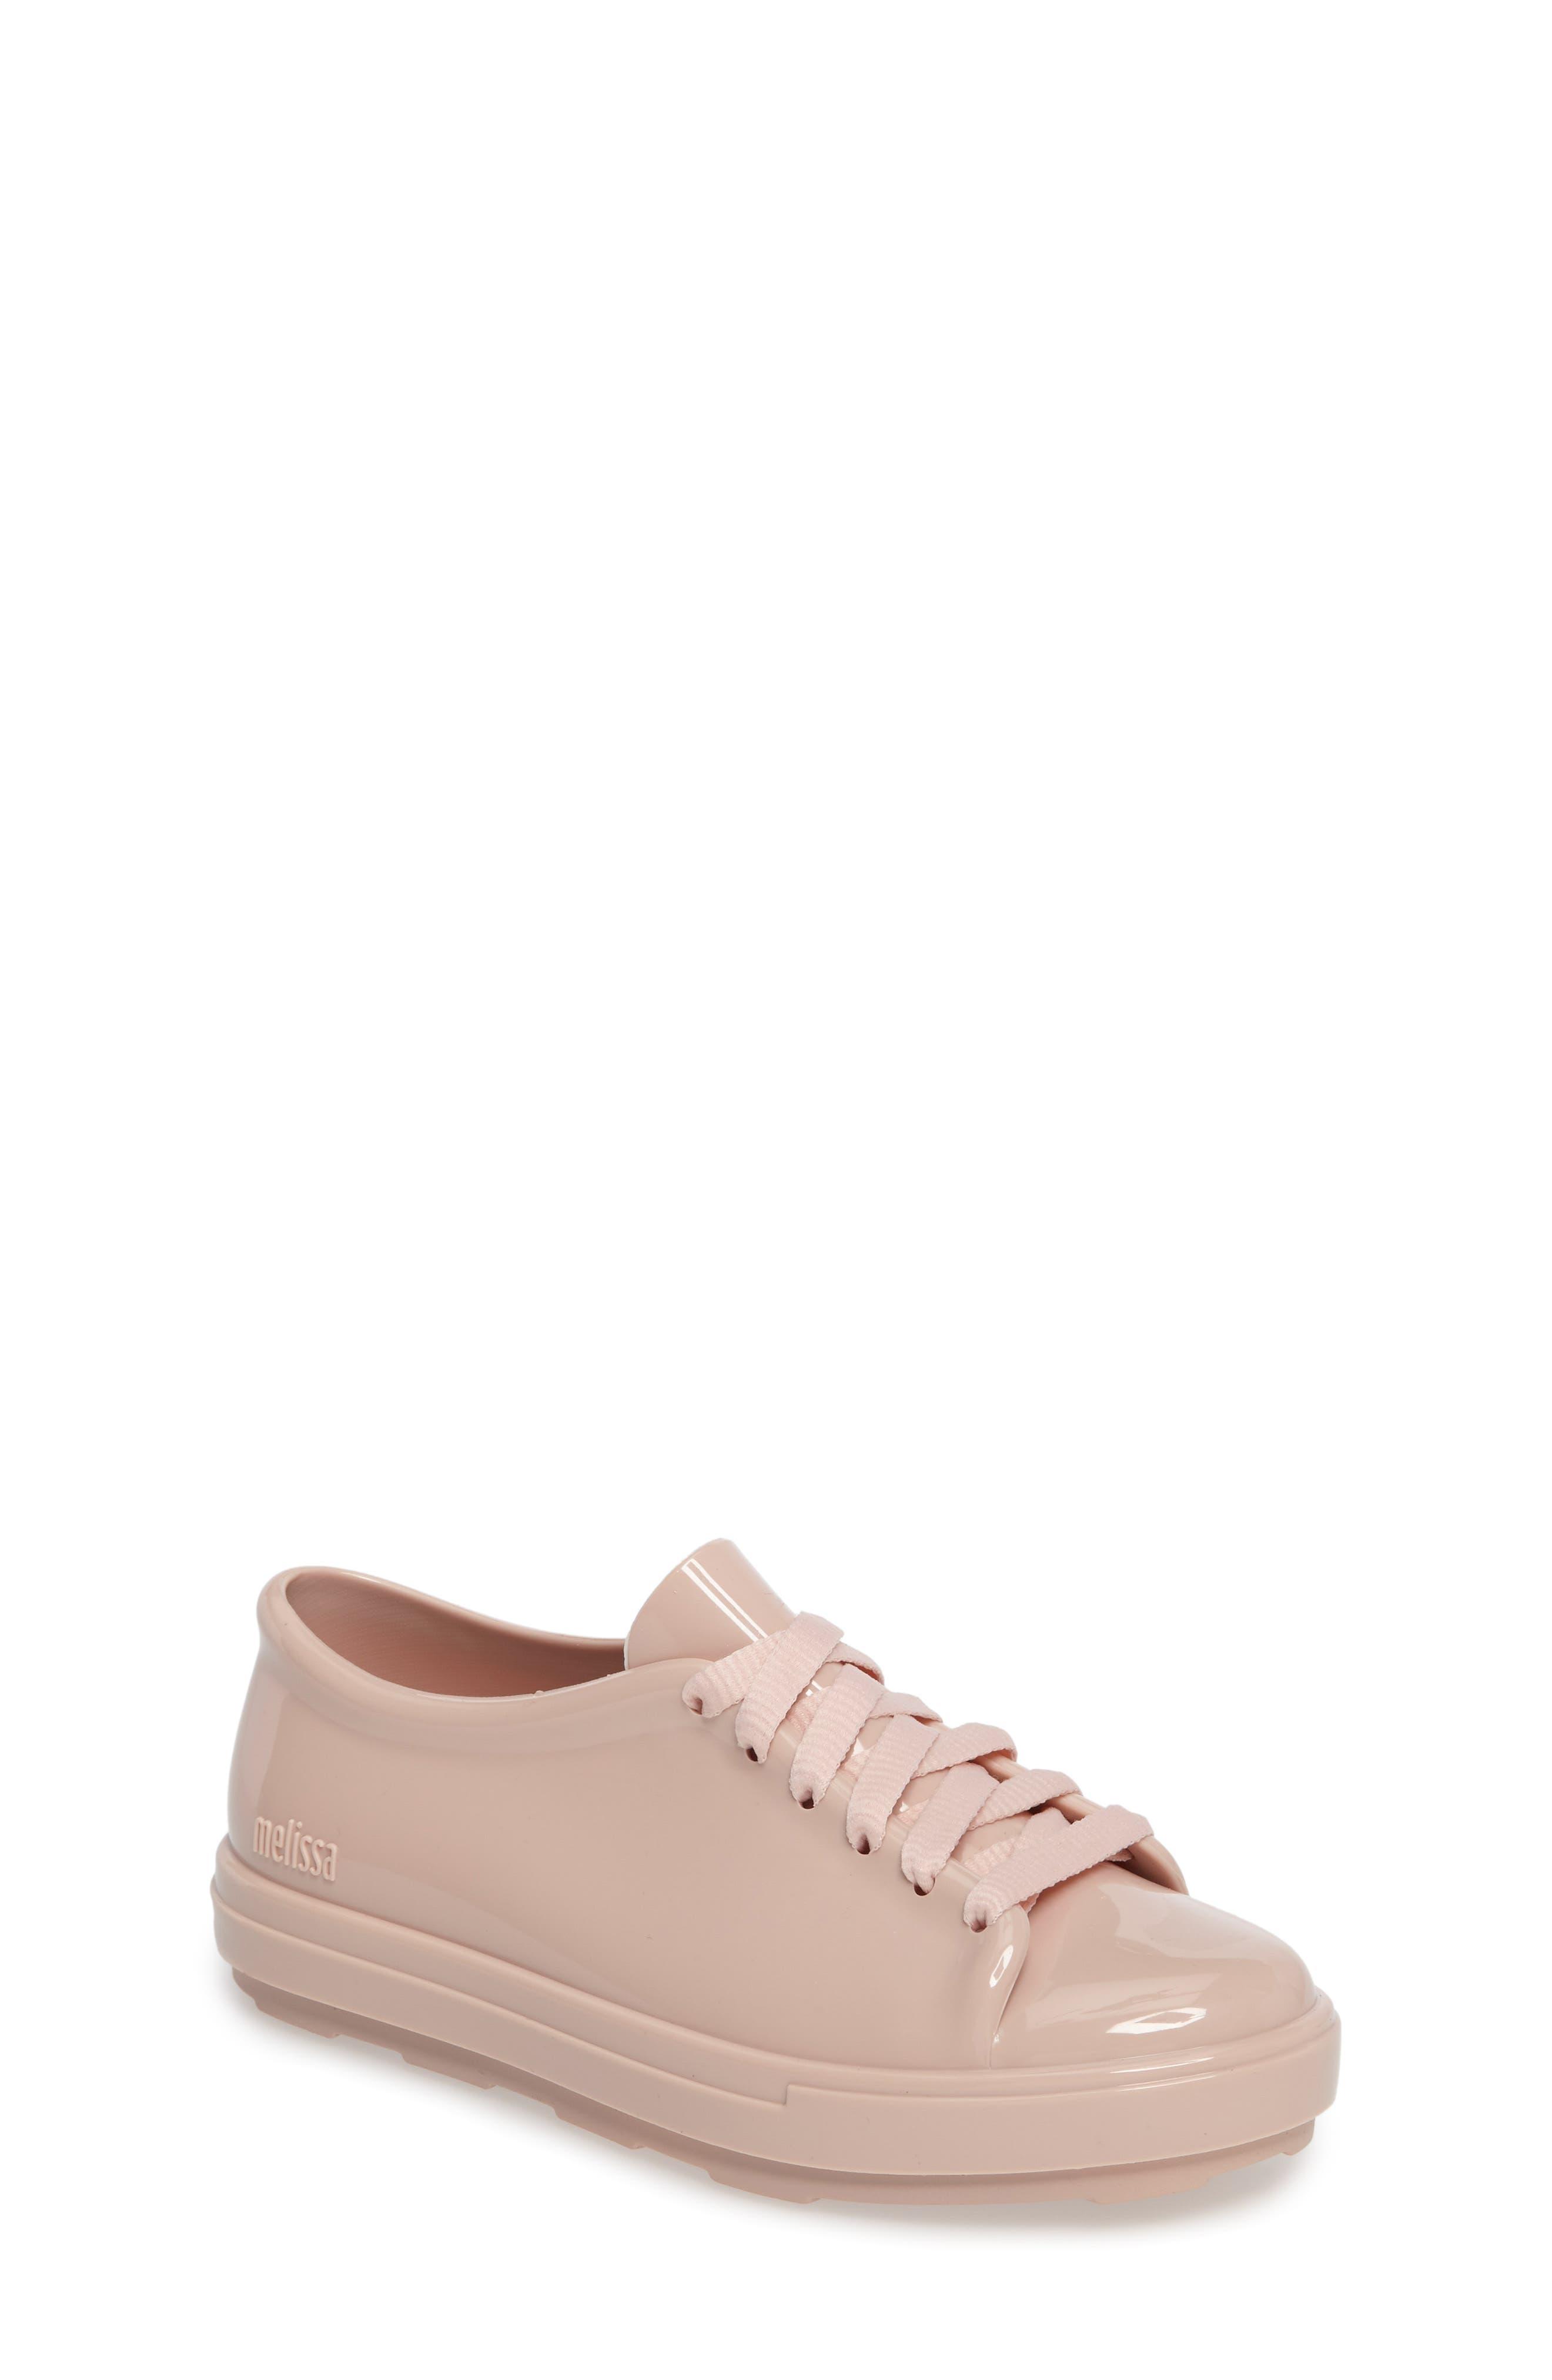 MEL BY MELISSA Mel Be Sneaker